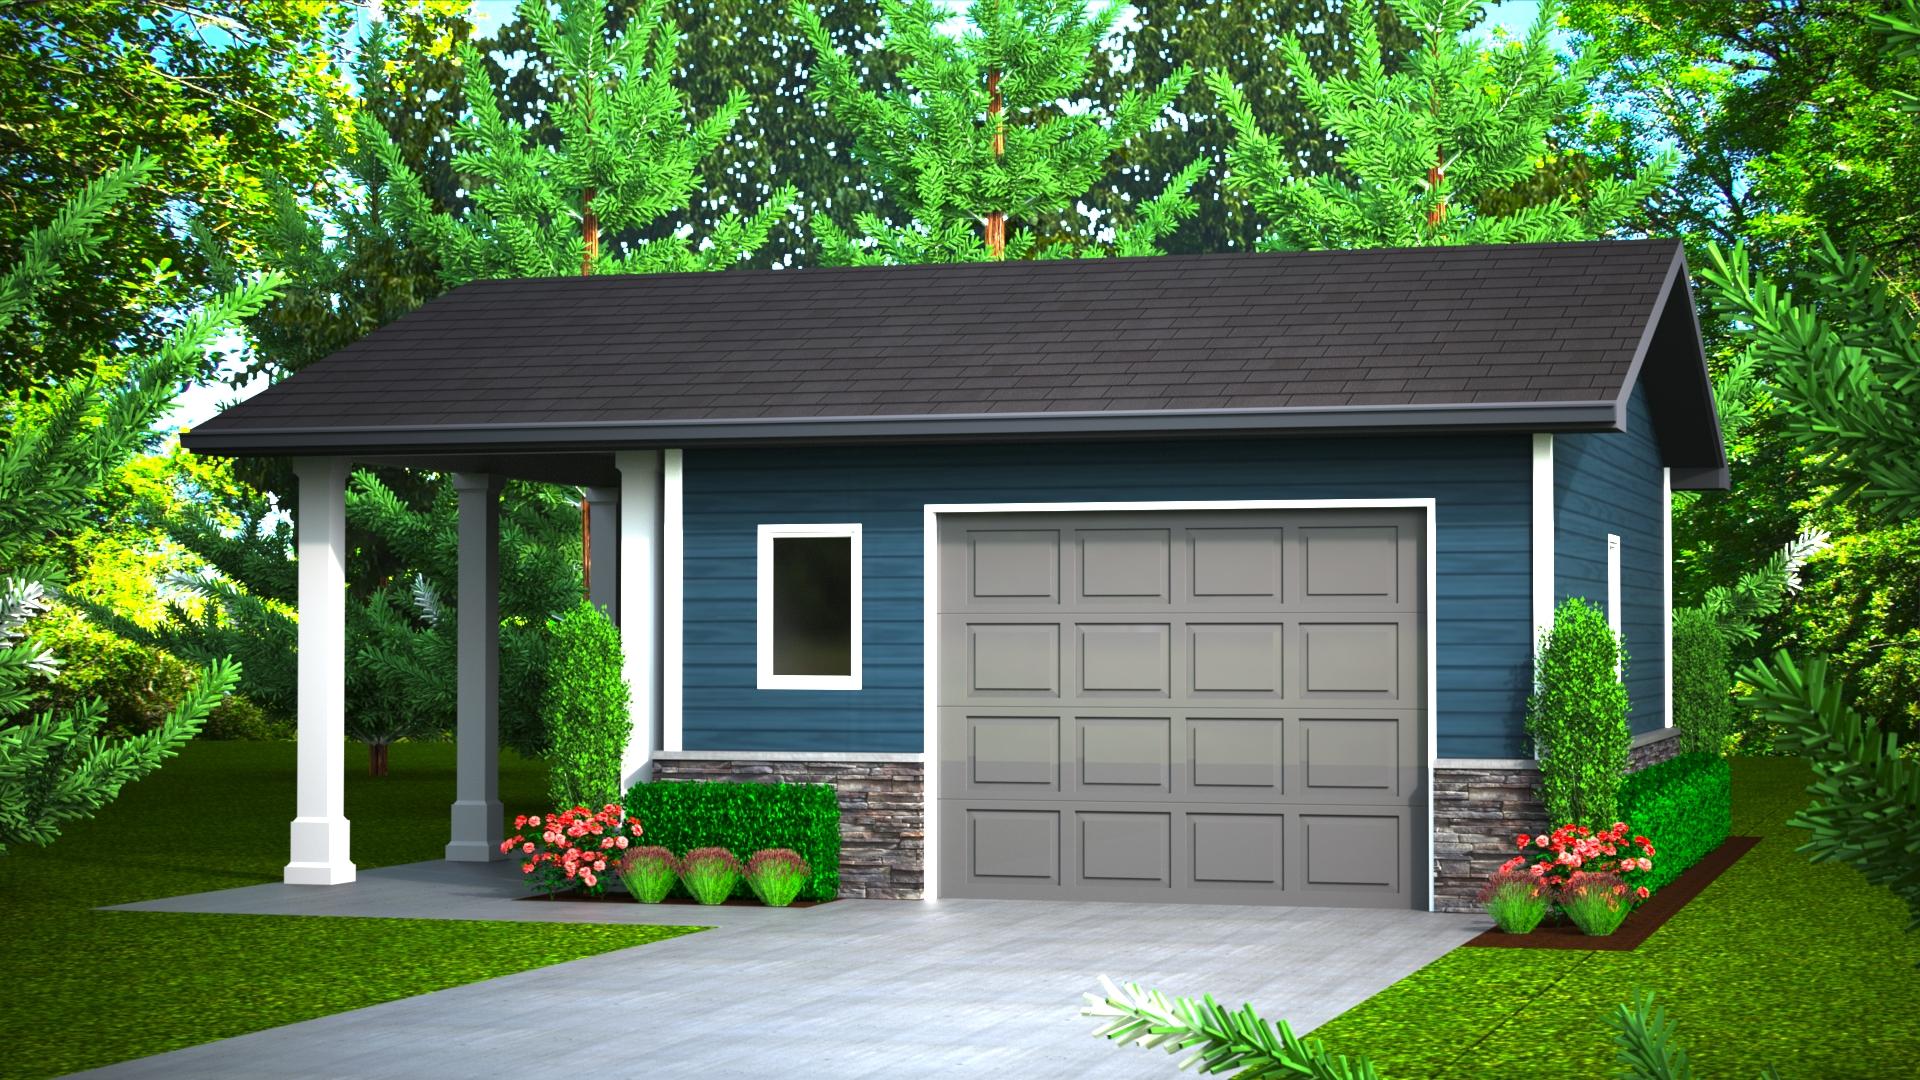 352 sq.ft. timber mart garage exterior render